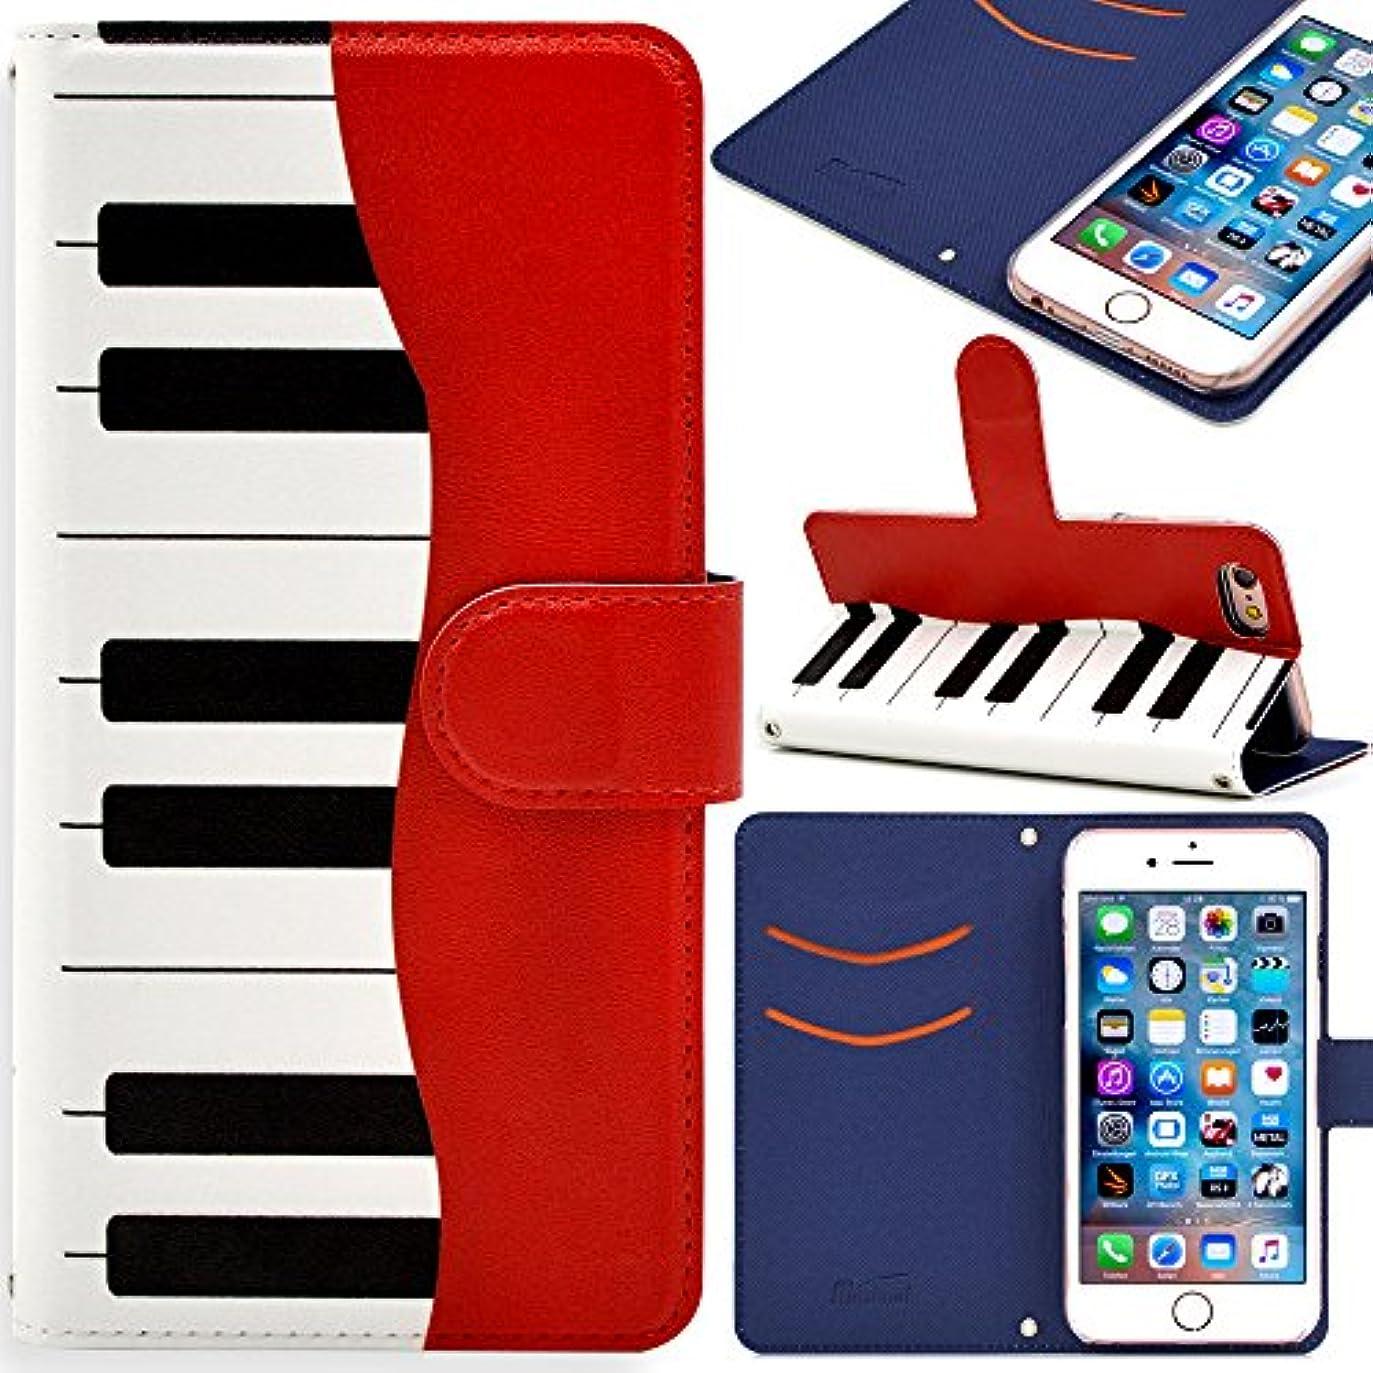 クリークジェーンオースティン吐き出すAndroid One S3 ケース スタンド機能、カードホルダ付き Minisuit series Type I8 レッドピアノ Y01シリーズ